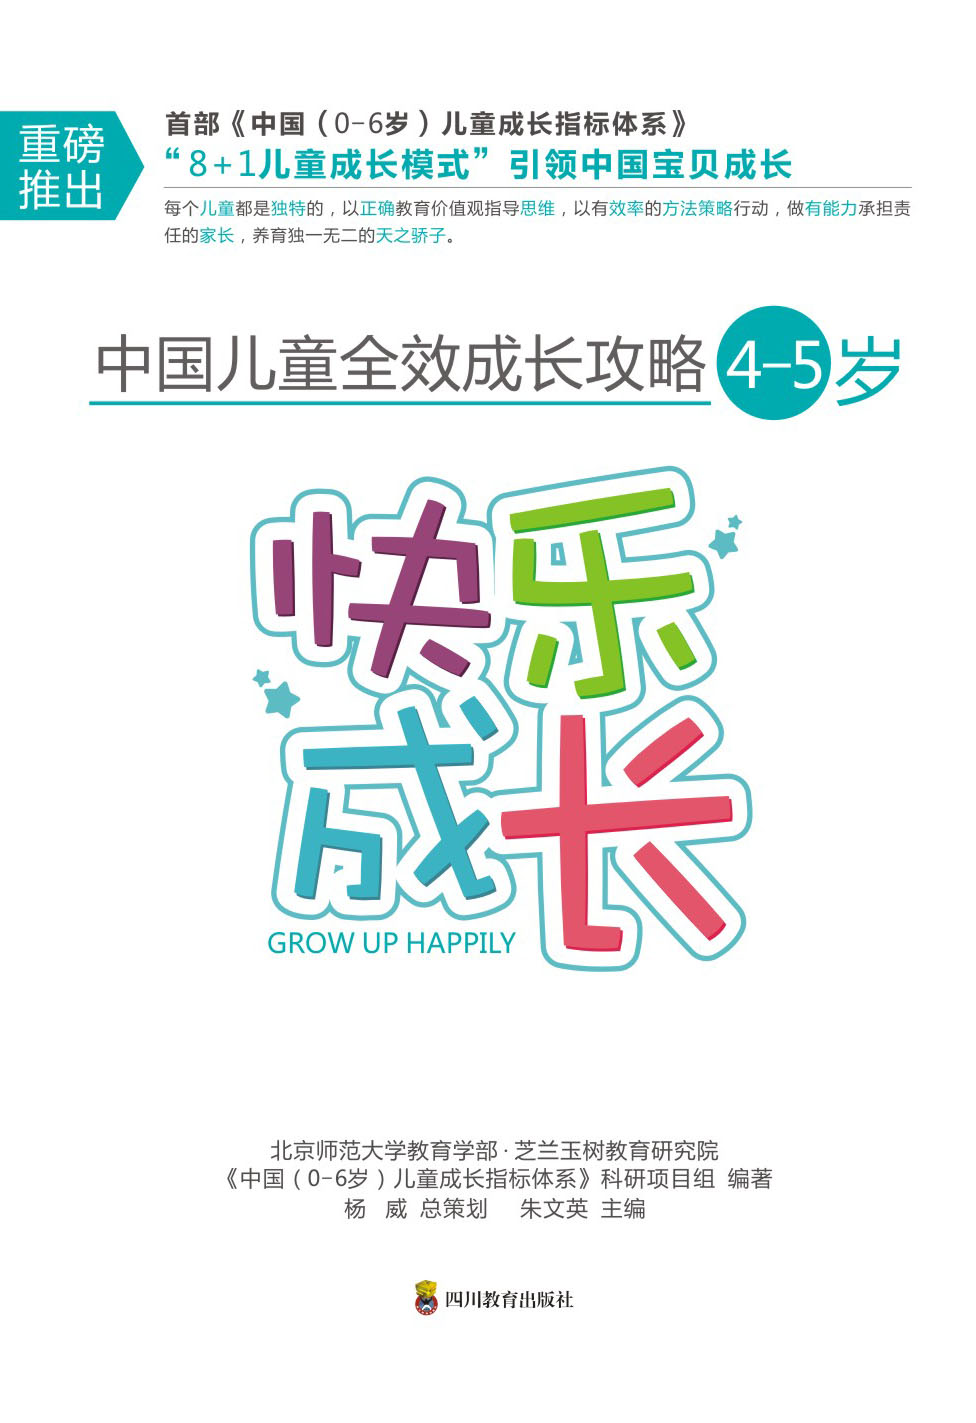 中国儿童全效成长攻略·(4-5岁)快乐成长